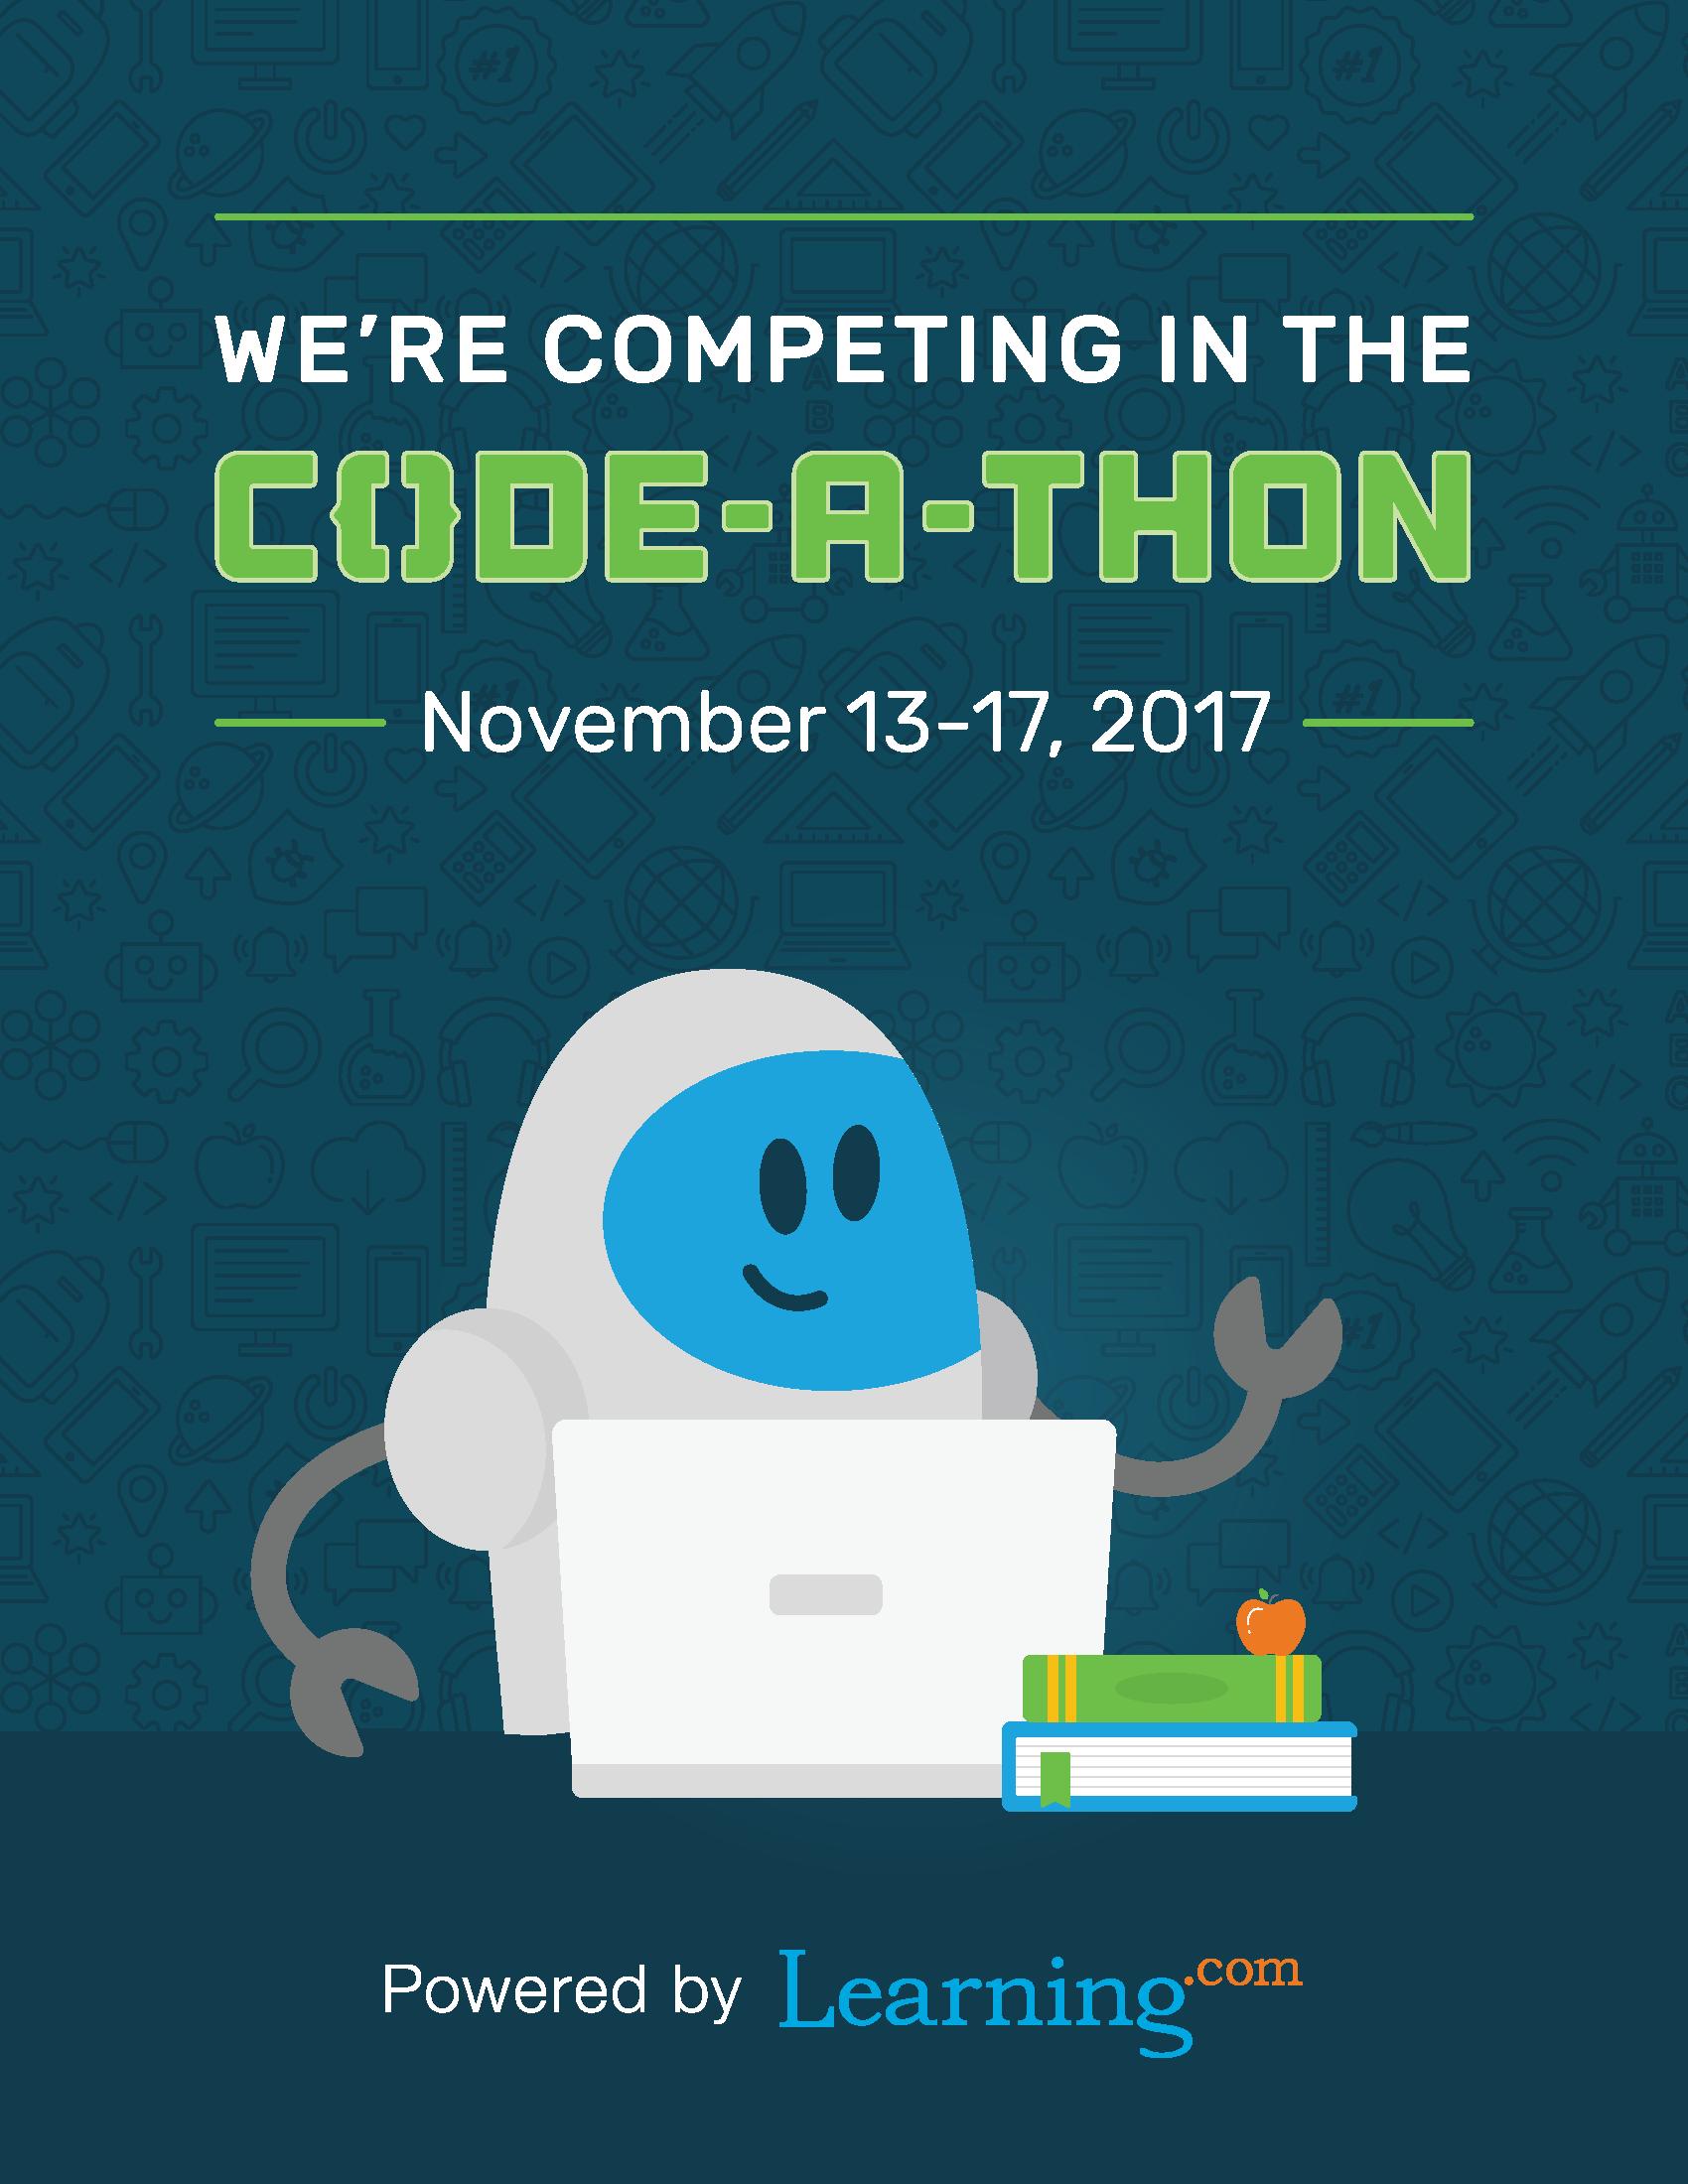 Codeathon_ParticipationPosters_2017_Page_1.png